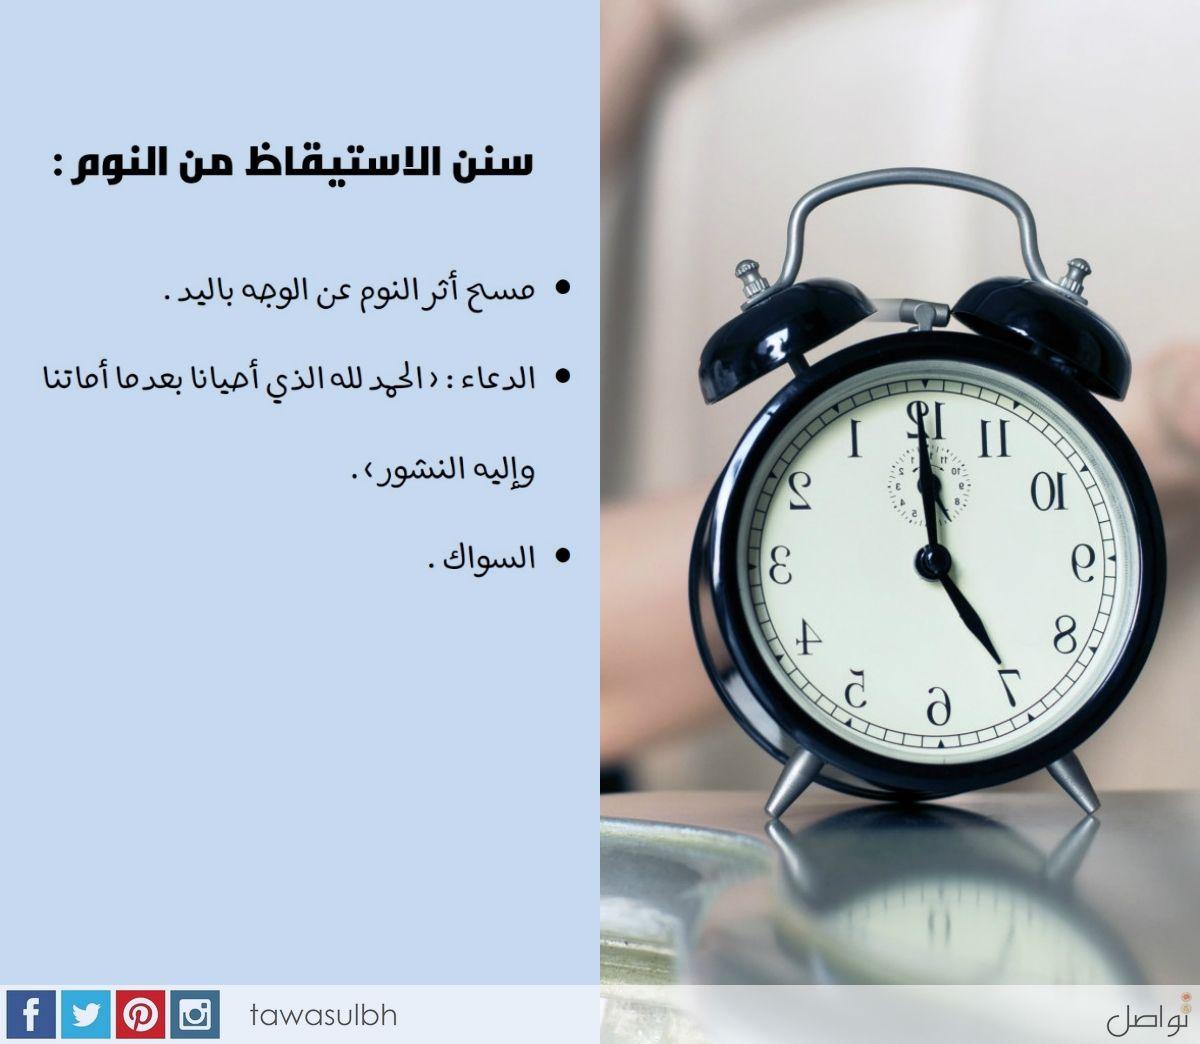 سنن الاستيقاظ من النوم مسح أثر النوم عن الوجه باليد الدعاء الحمد لله الذي أحيانا بعدما أماتنا وإليه النشور السواك Alarm Clock Clock Decor